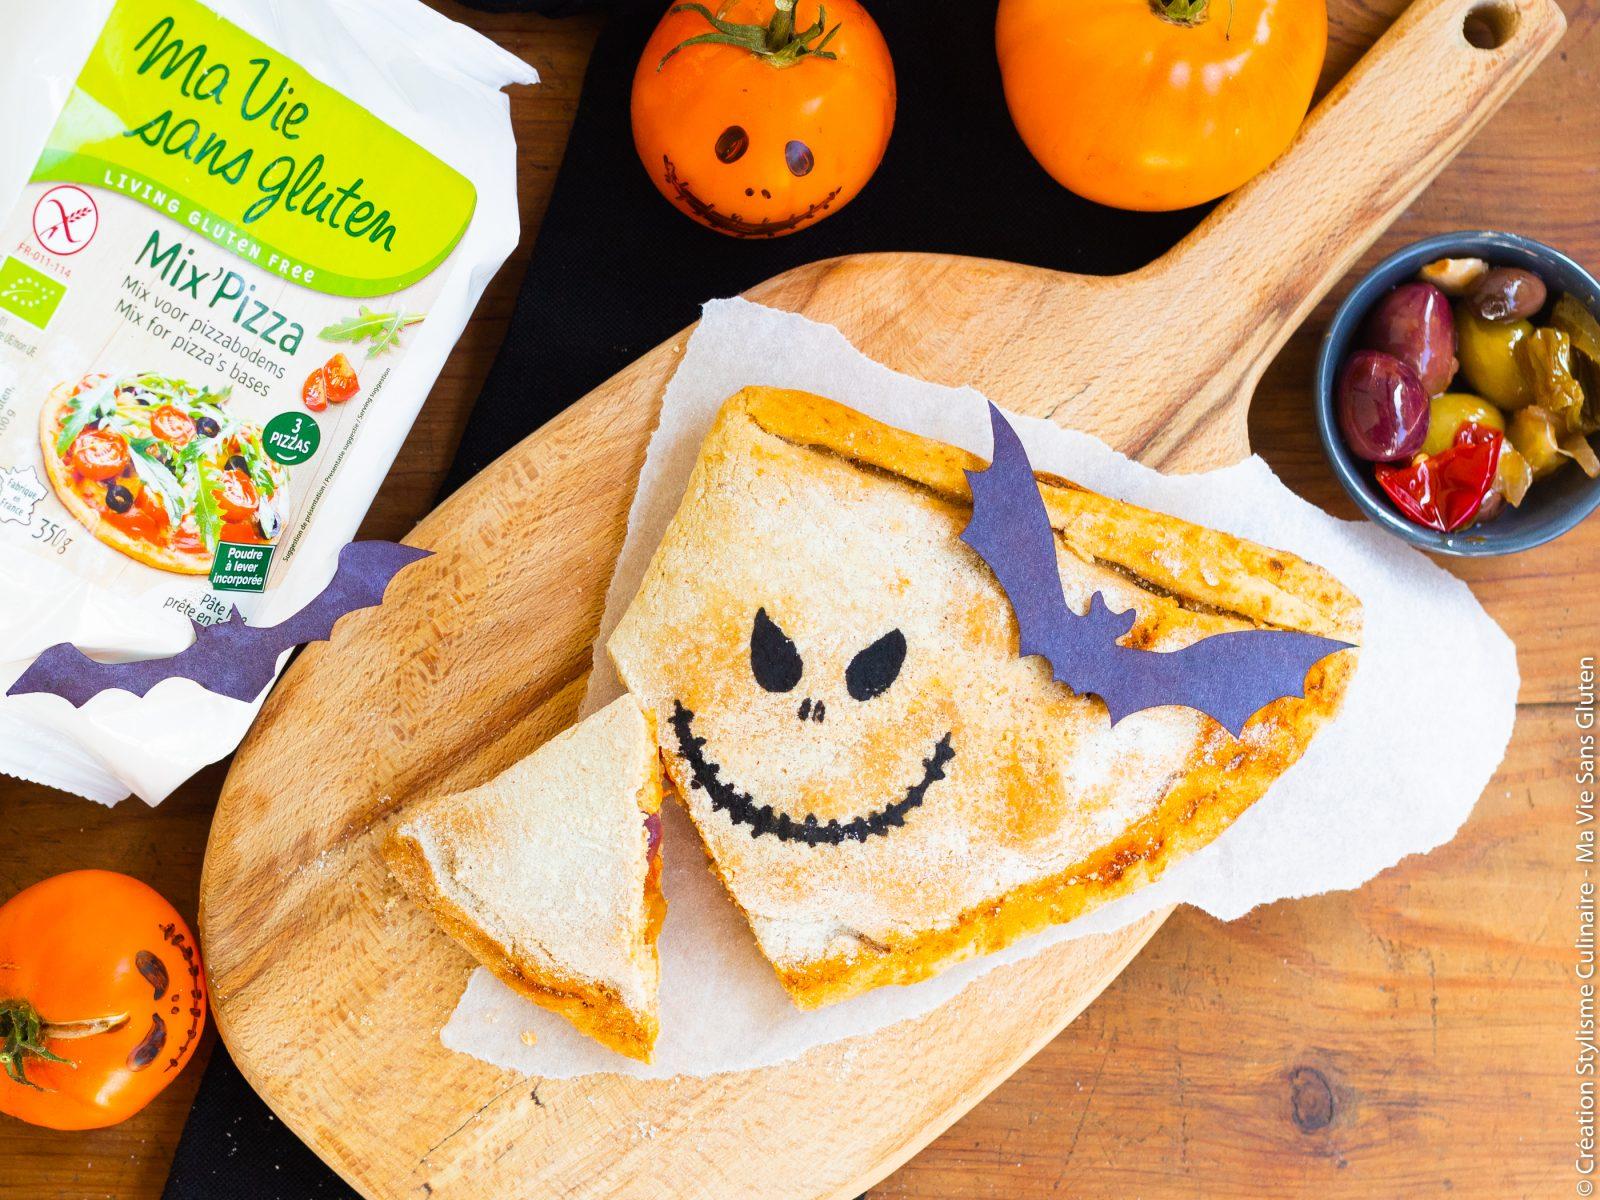 calzone sans gluten halloween-5